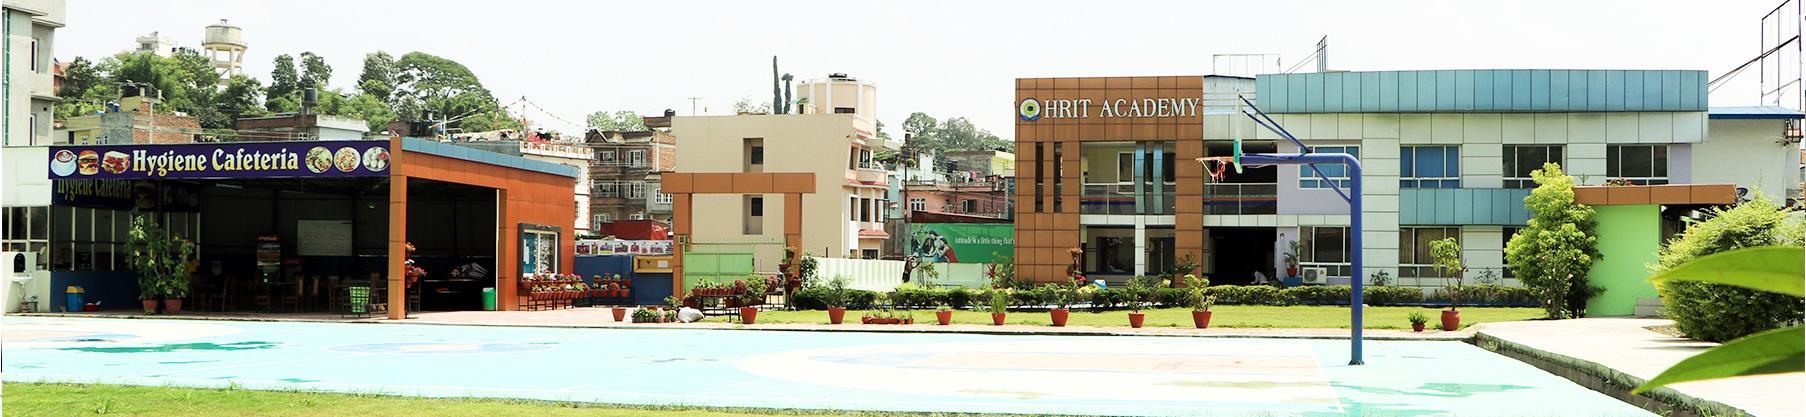 HRIT Academy